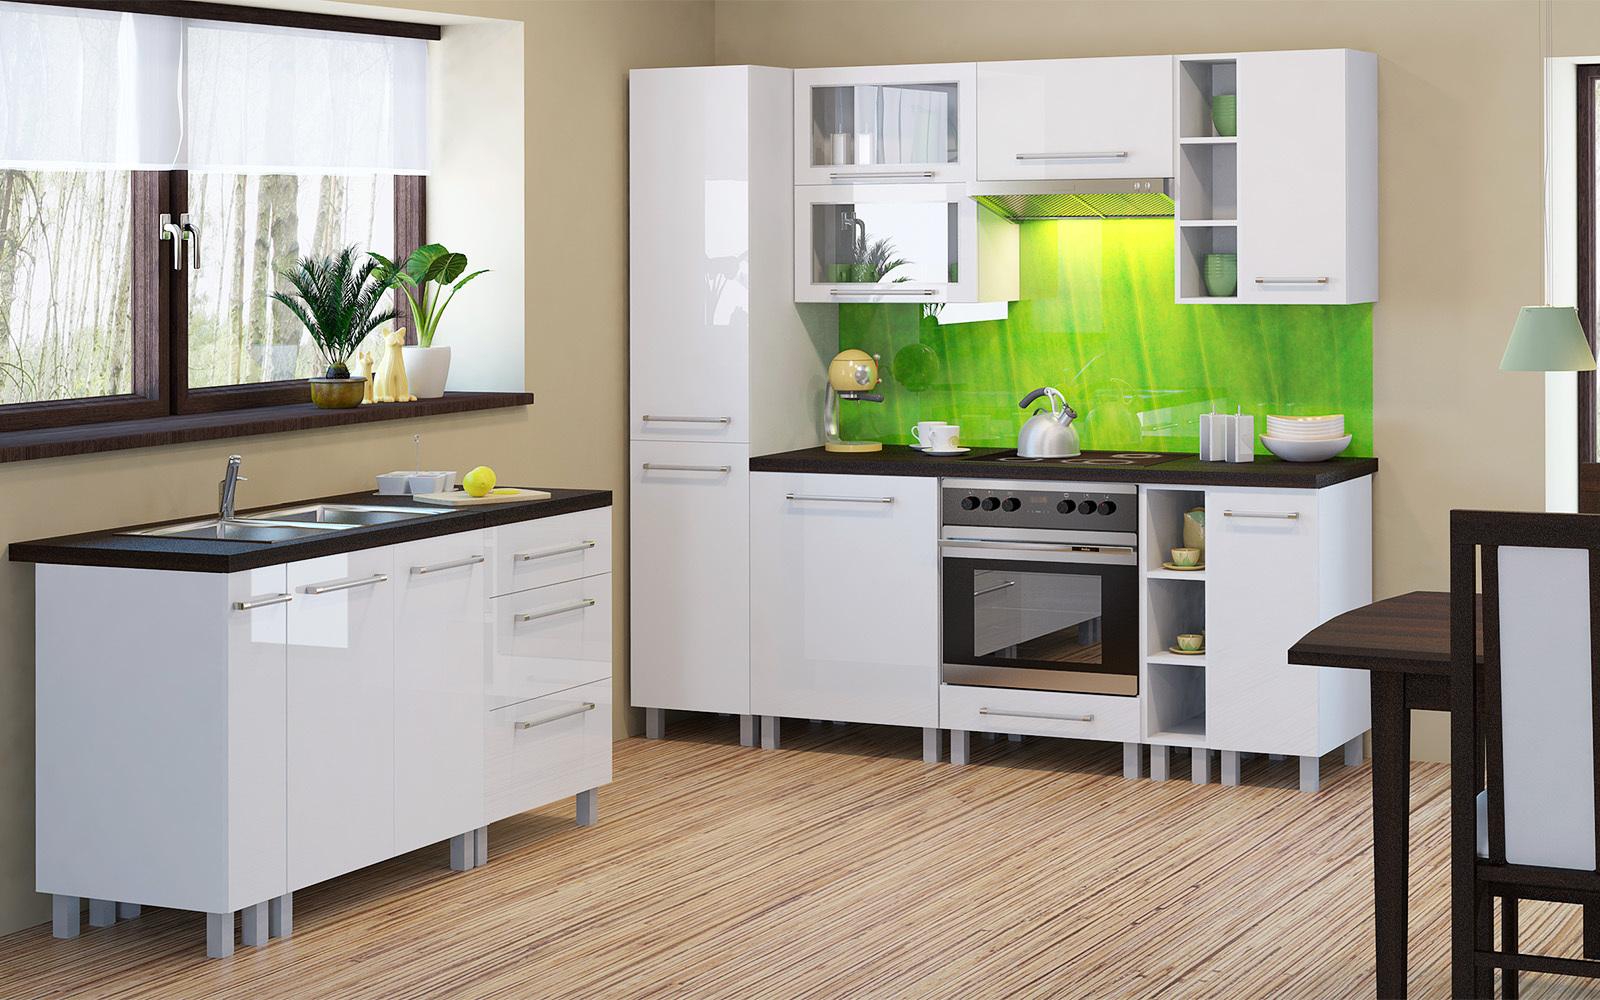 Full Size of Eckunterschrank Küche Kaufen Eckunterschrank Küche Otto Eckunterschrank Küche Schubladen Eckunterschrank Küche Klein Küche Eckunterschrank Küche